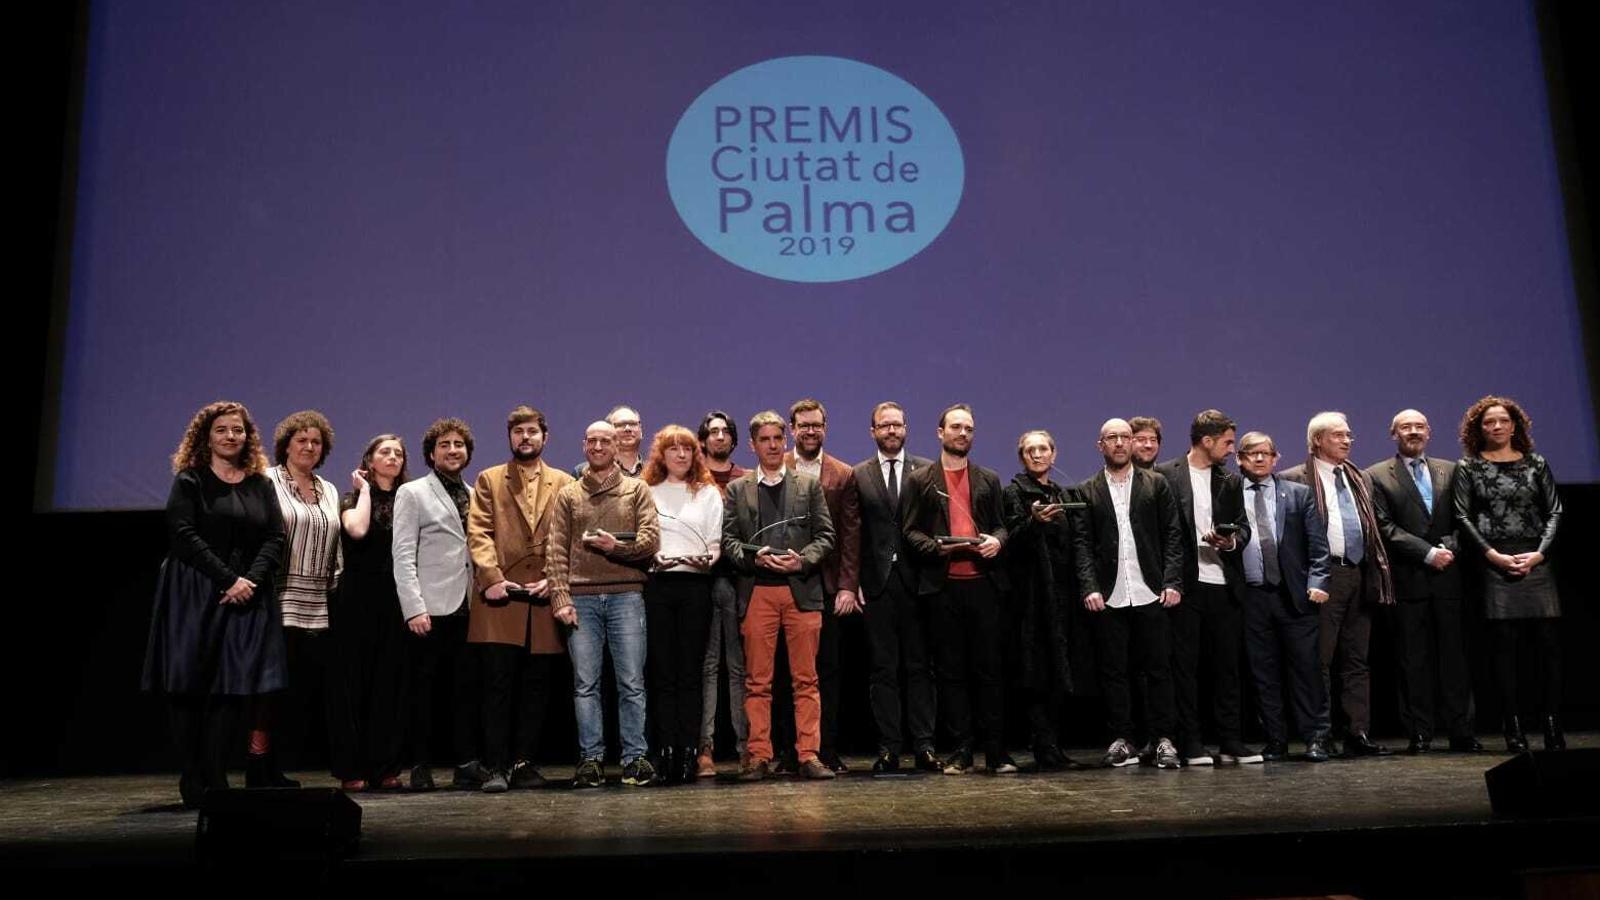 Imatge dels premiats amb les autoritats polítiques